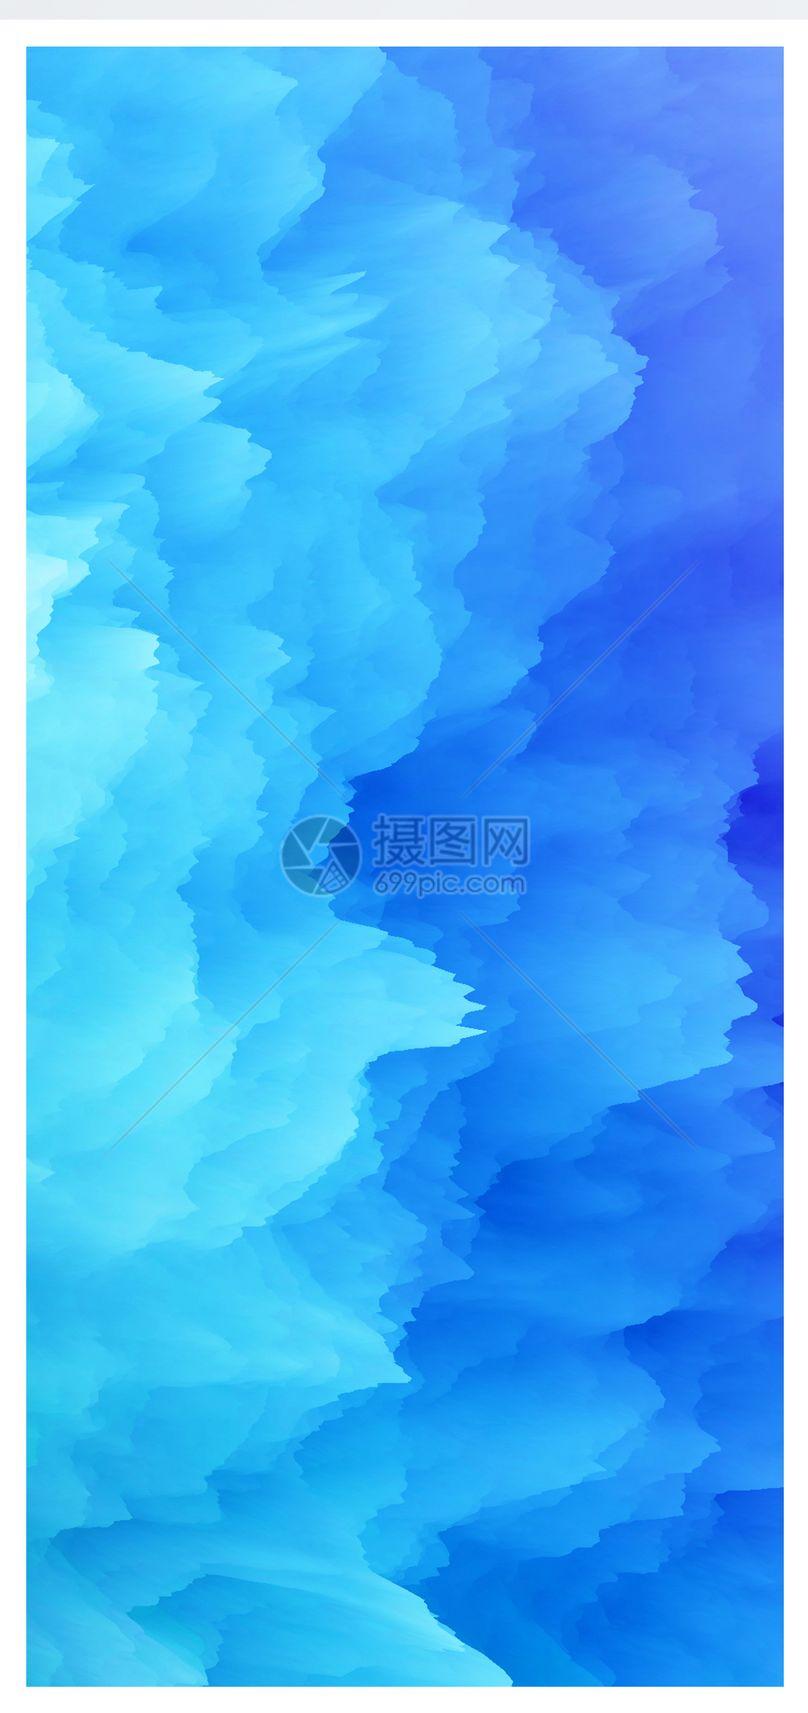 彩色烟雾手机壁纸图片